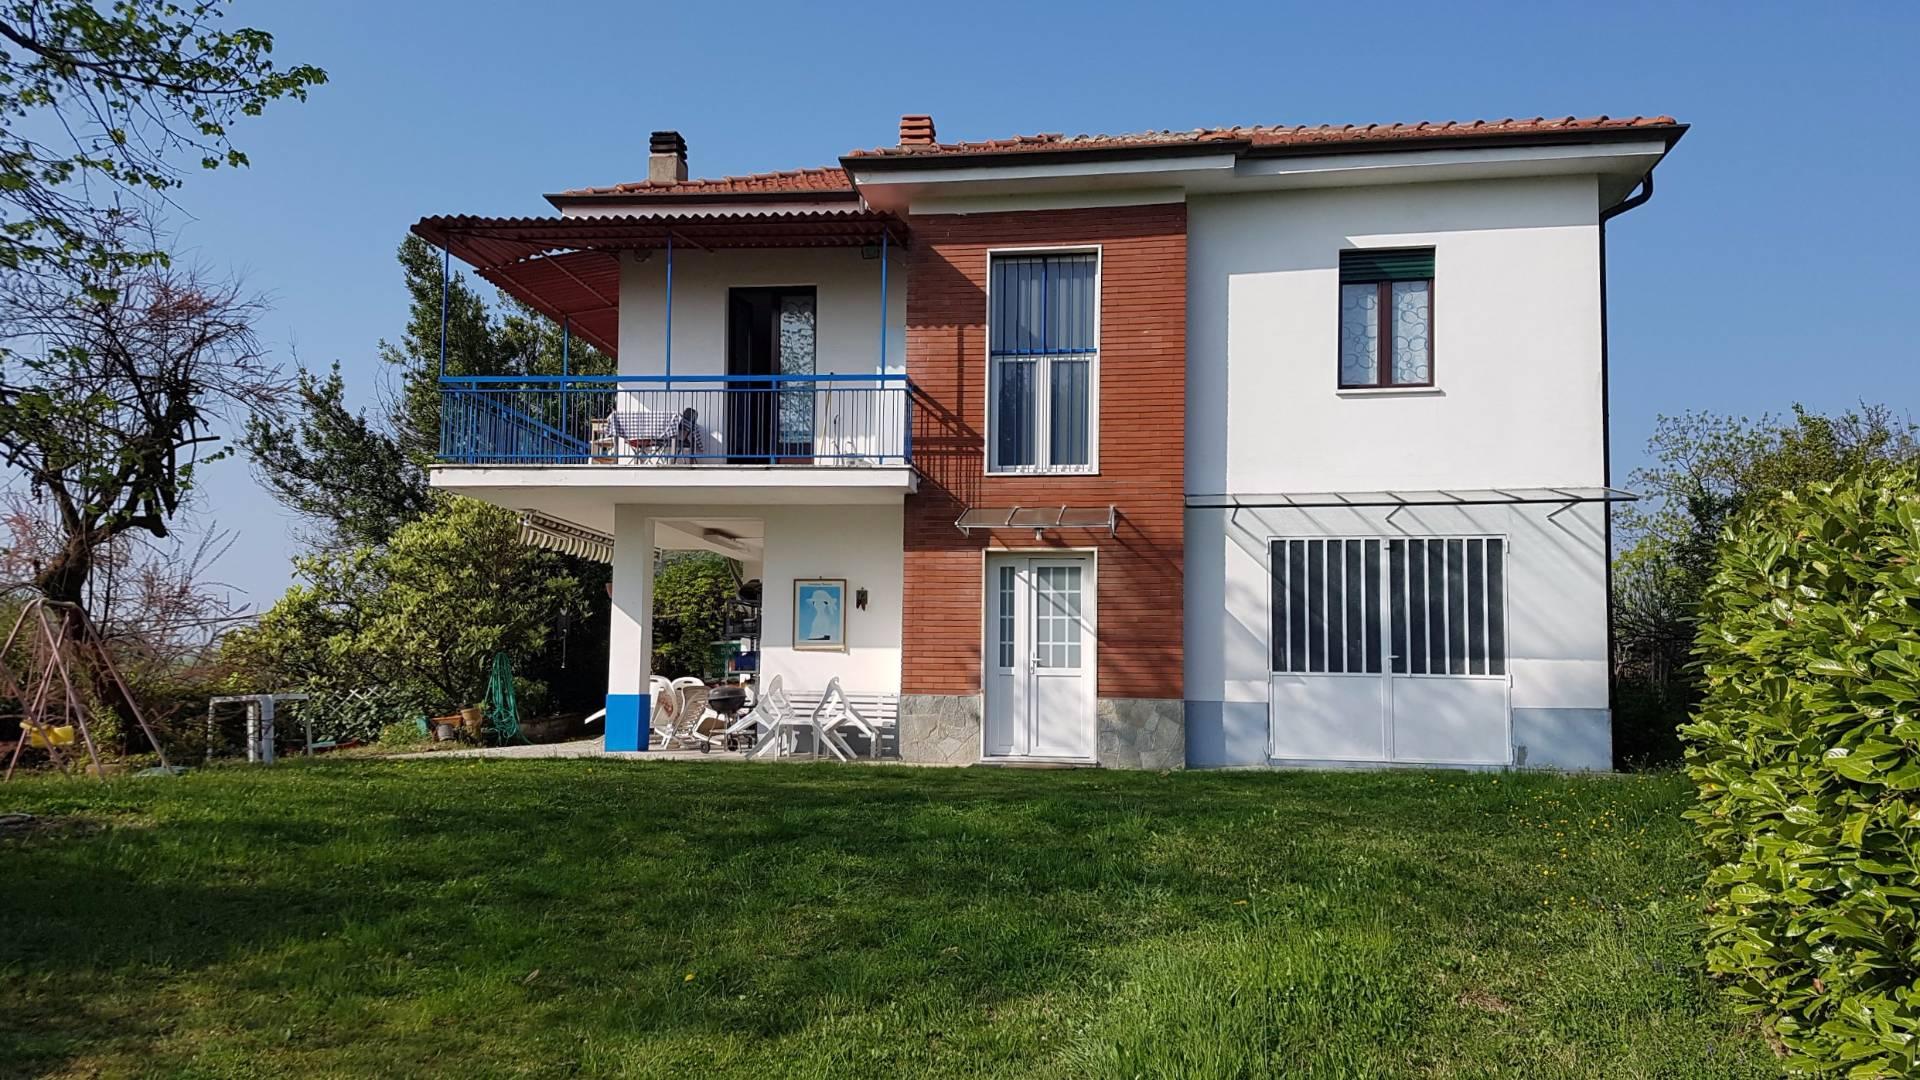 Soluzione Indipendente in vendita a Pavarolo, 4 locali, prezzo € 210.000   Cambio Casa.it